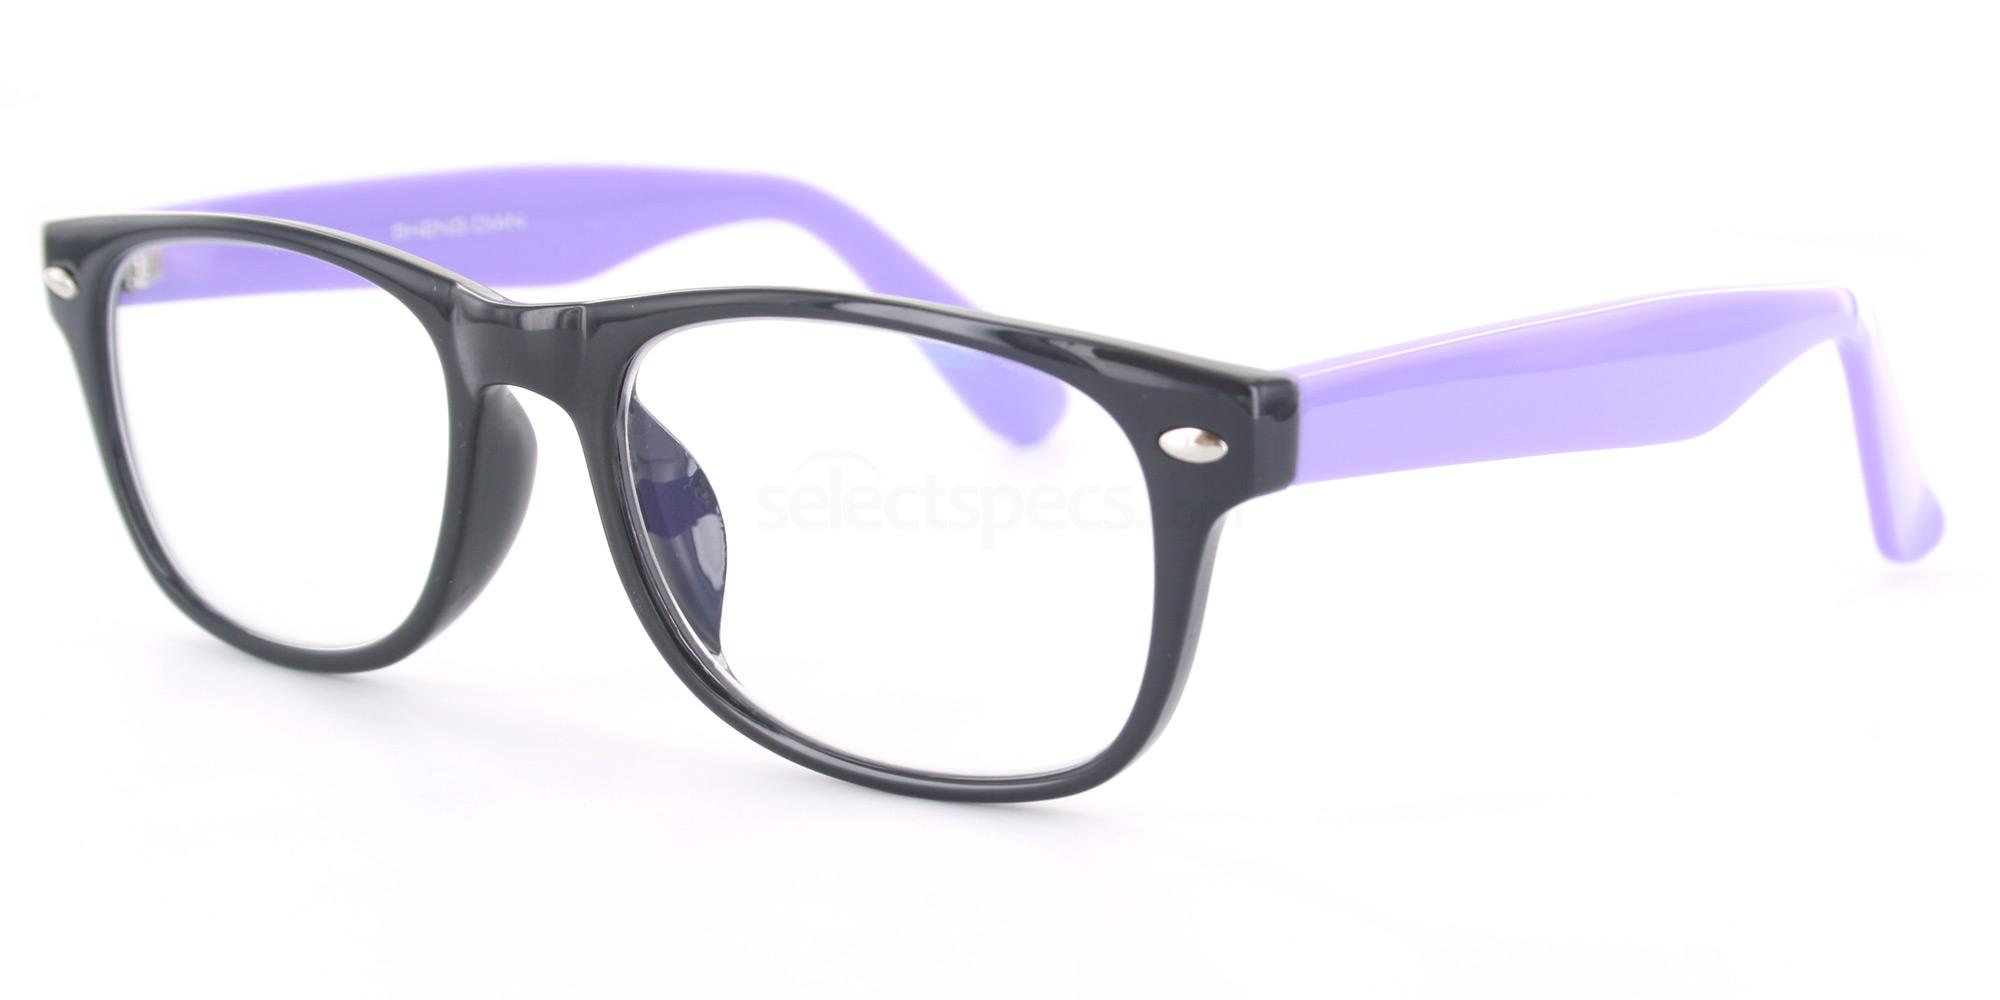 C90 P2383 - Black and Purple Glasses, Savannah